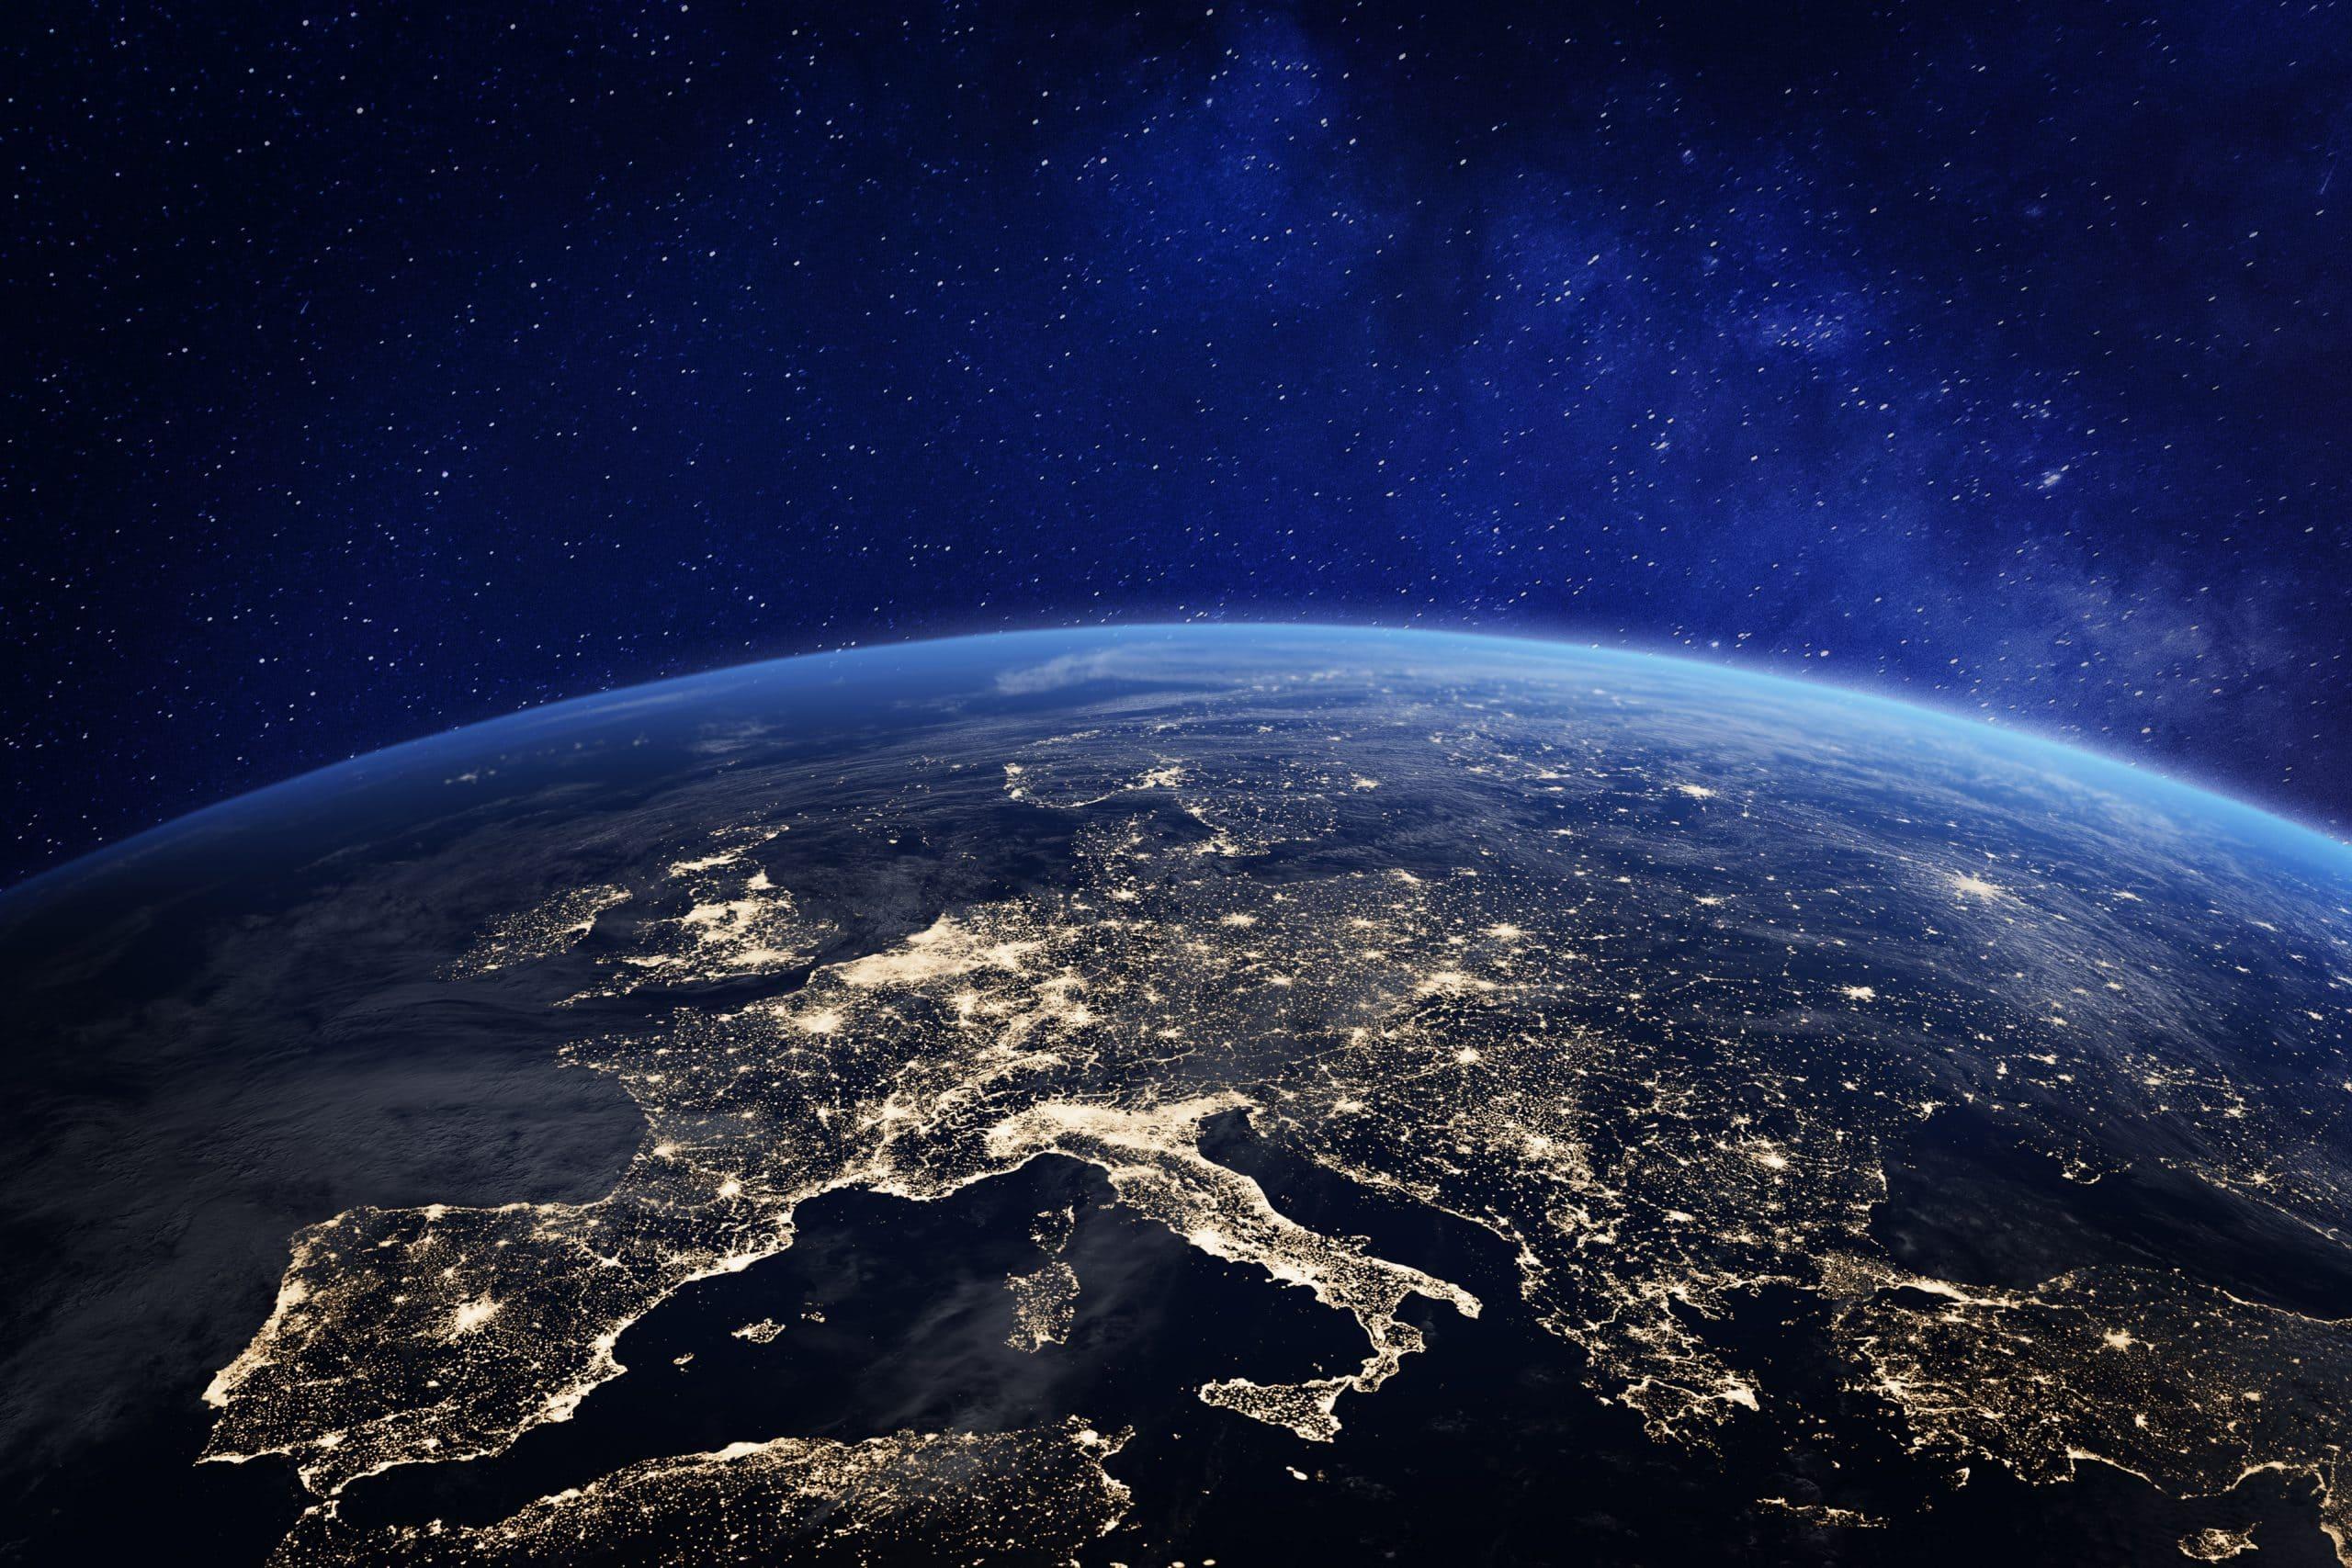 """Chainalysis: """"Europa ist die größte Krypto-Ökonomie der Welt"""""""